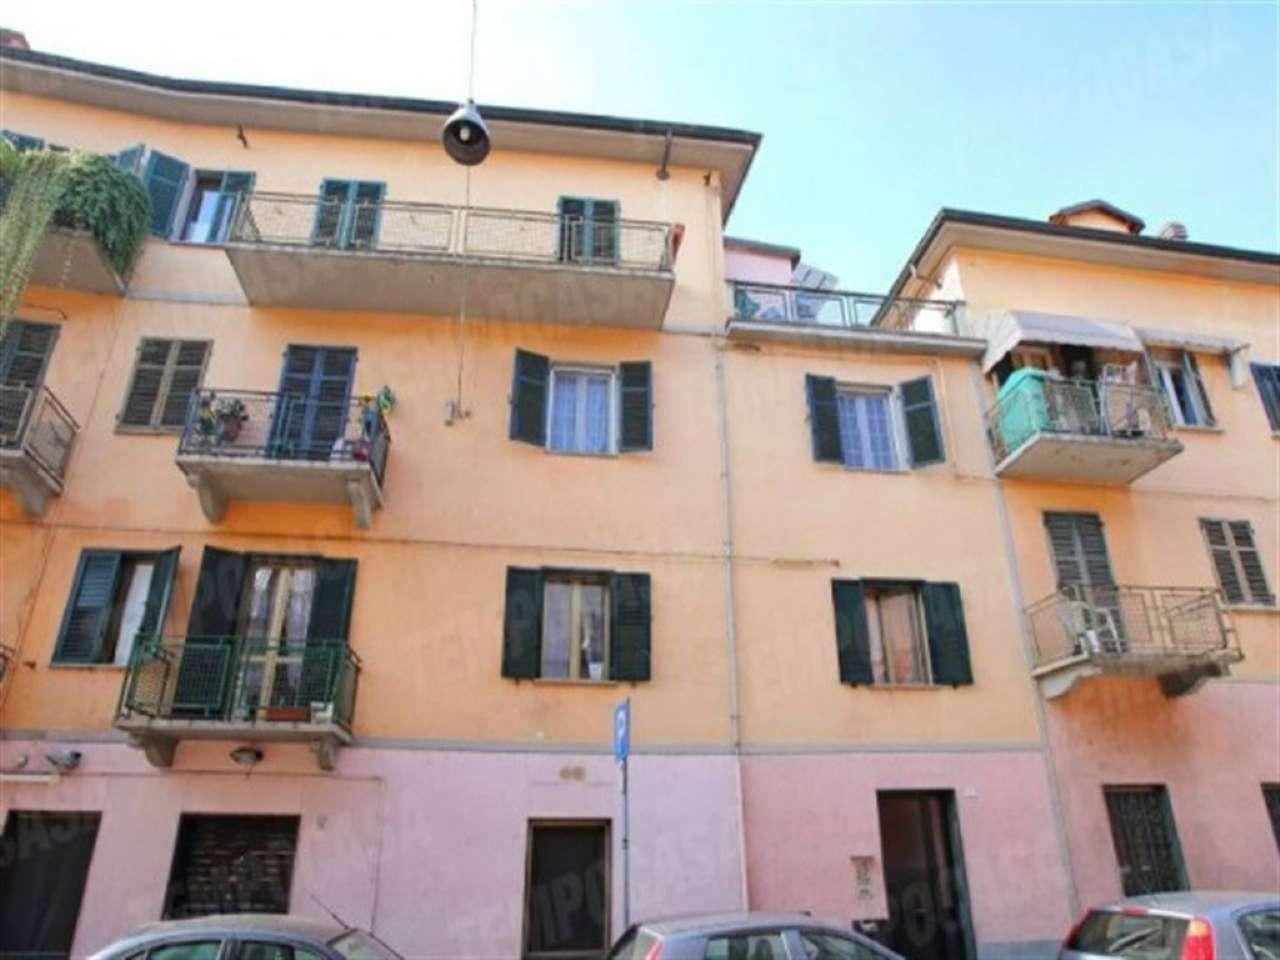 Appartamento in vendita a Chivasso, 2 locali, prezzo € 37.000   Cambio Casa.it